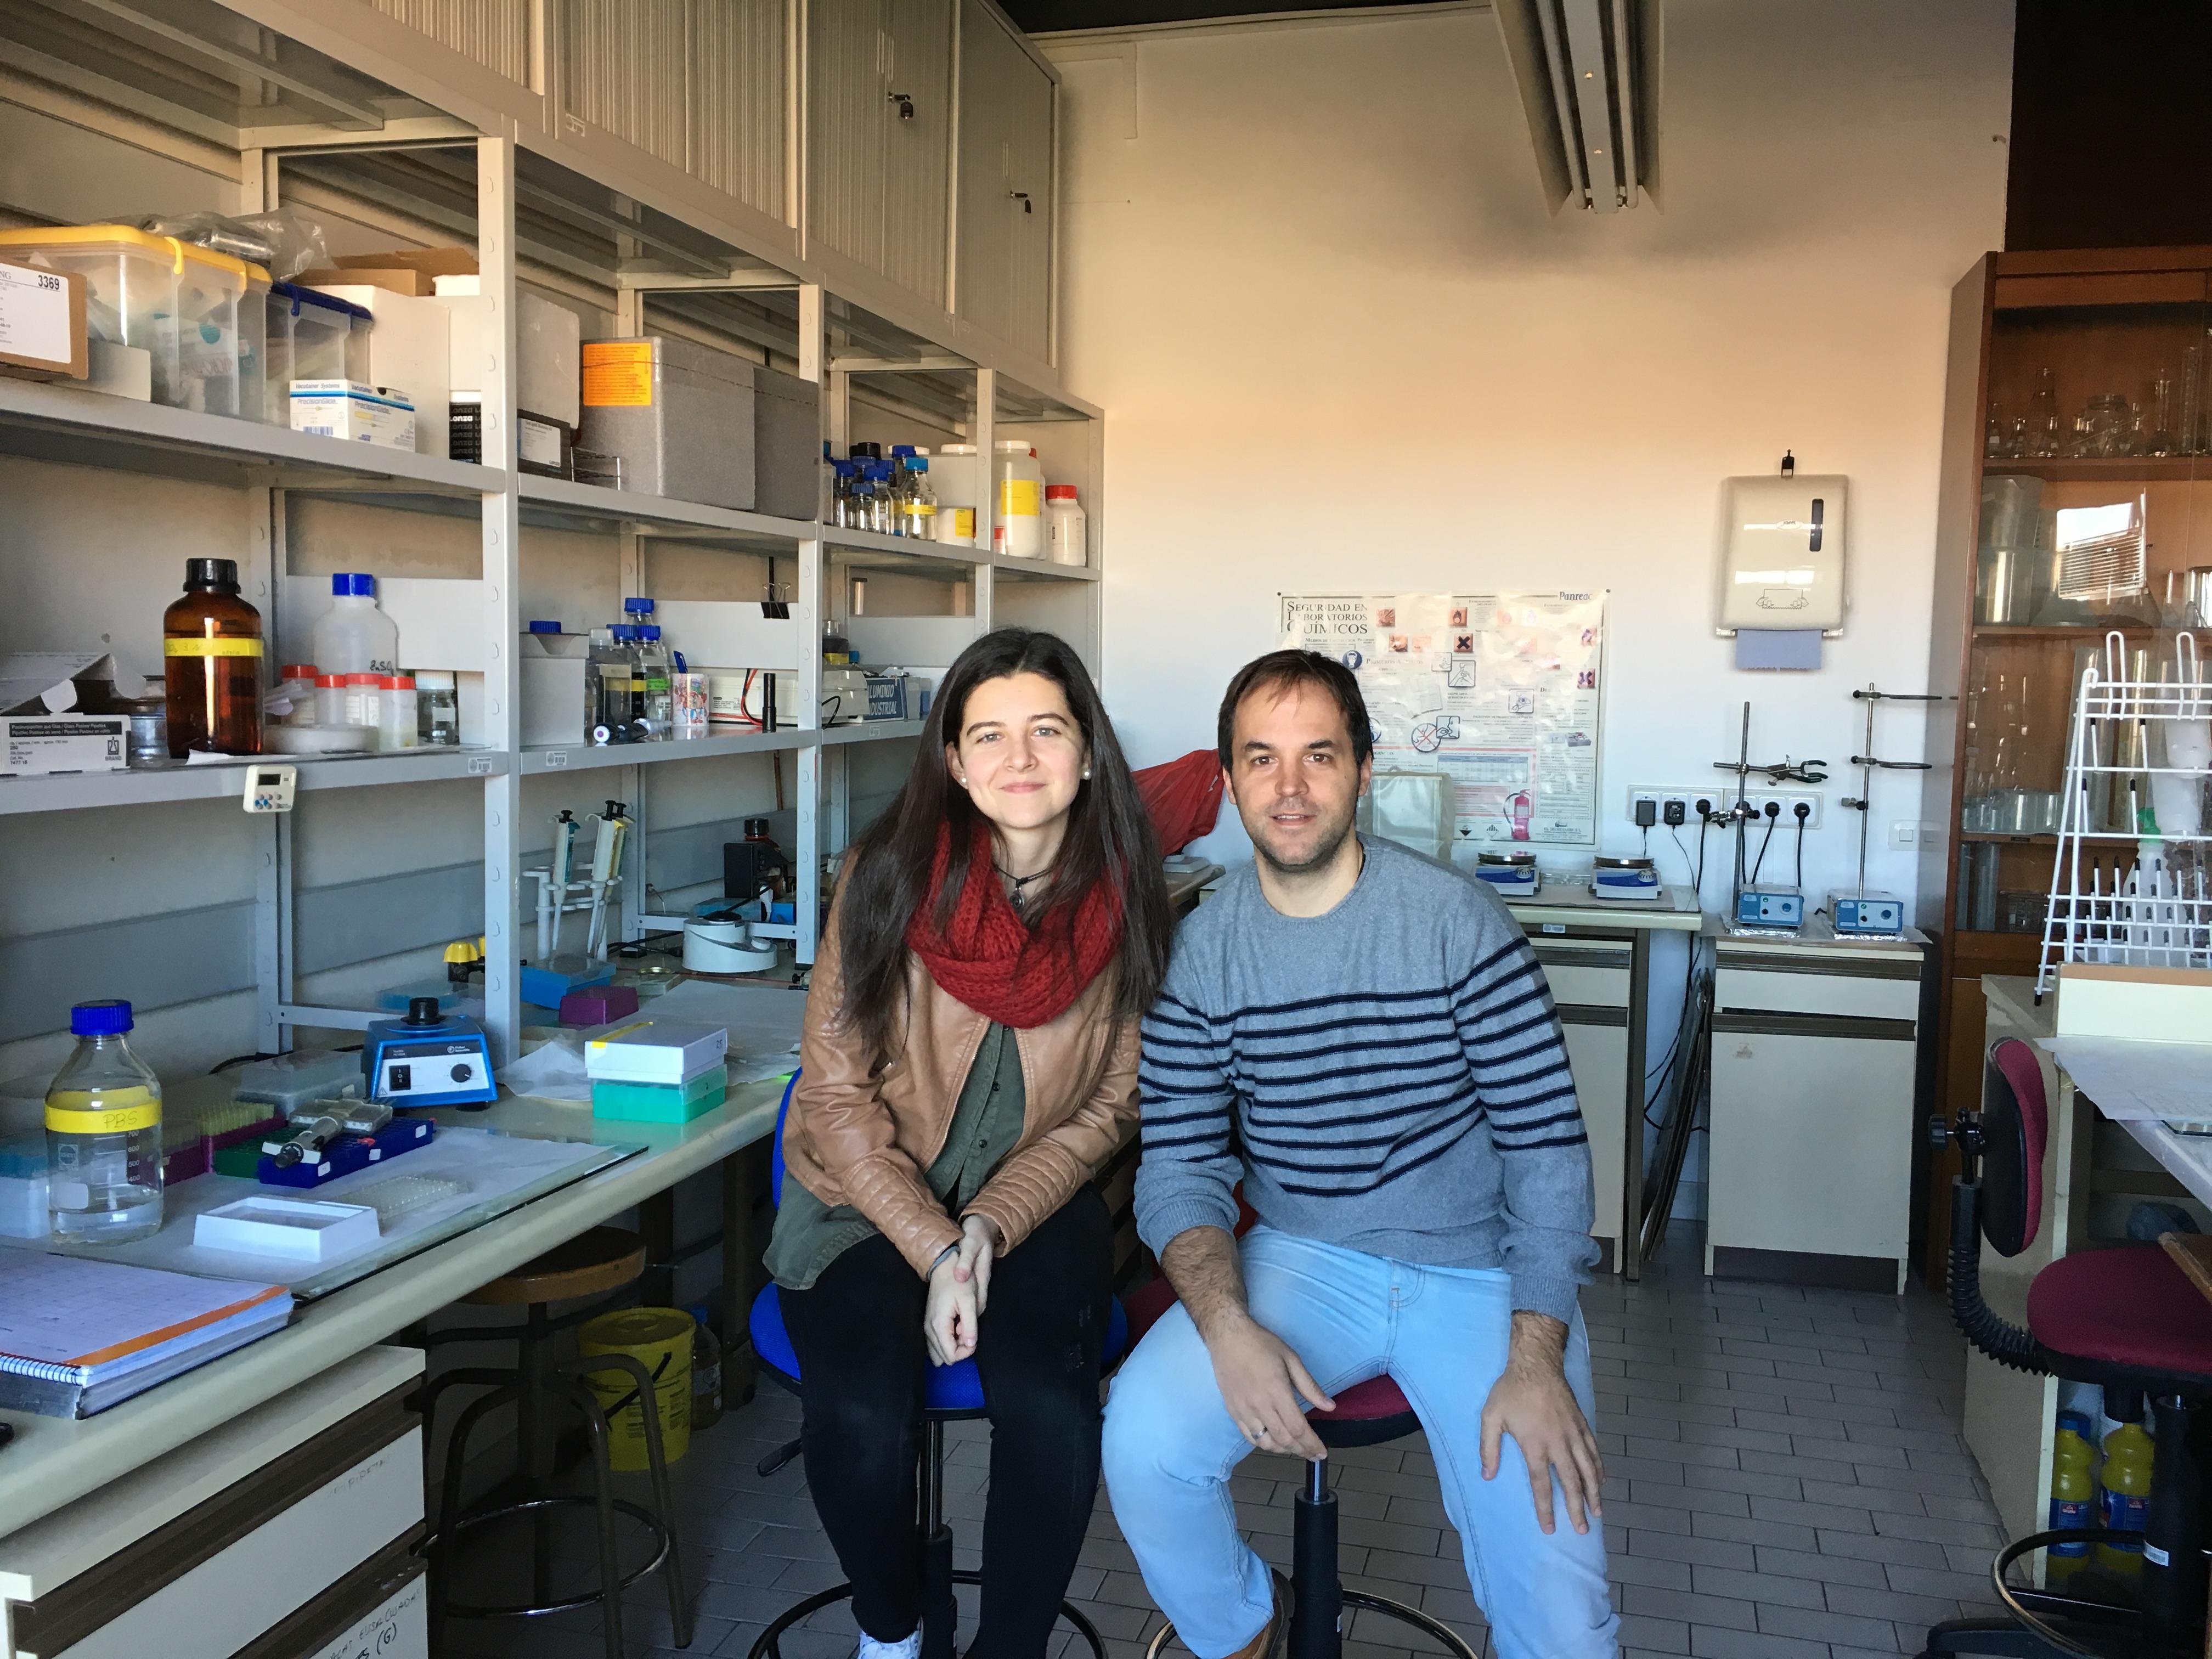 Los científicos de la Universidad Rodrigo Morchón García y Elena Varas Martín reconocidos con el Premio Nacional de Jóvenes Investigadores